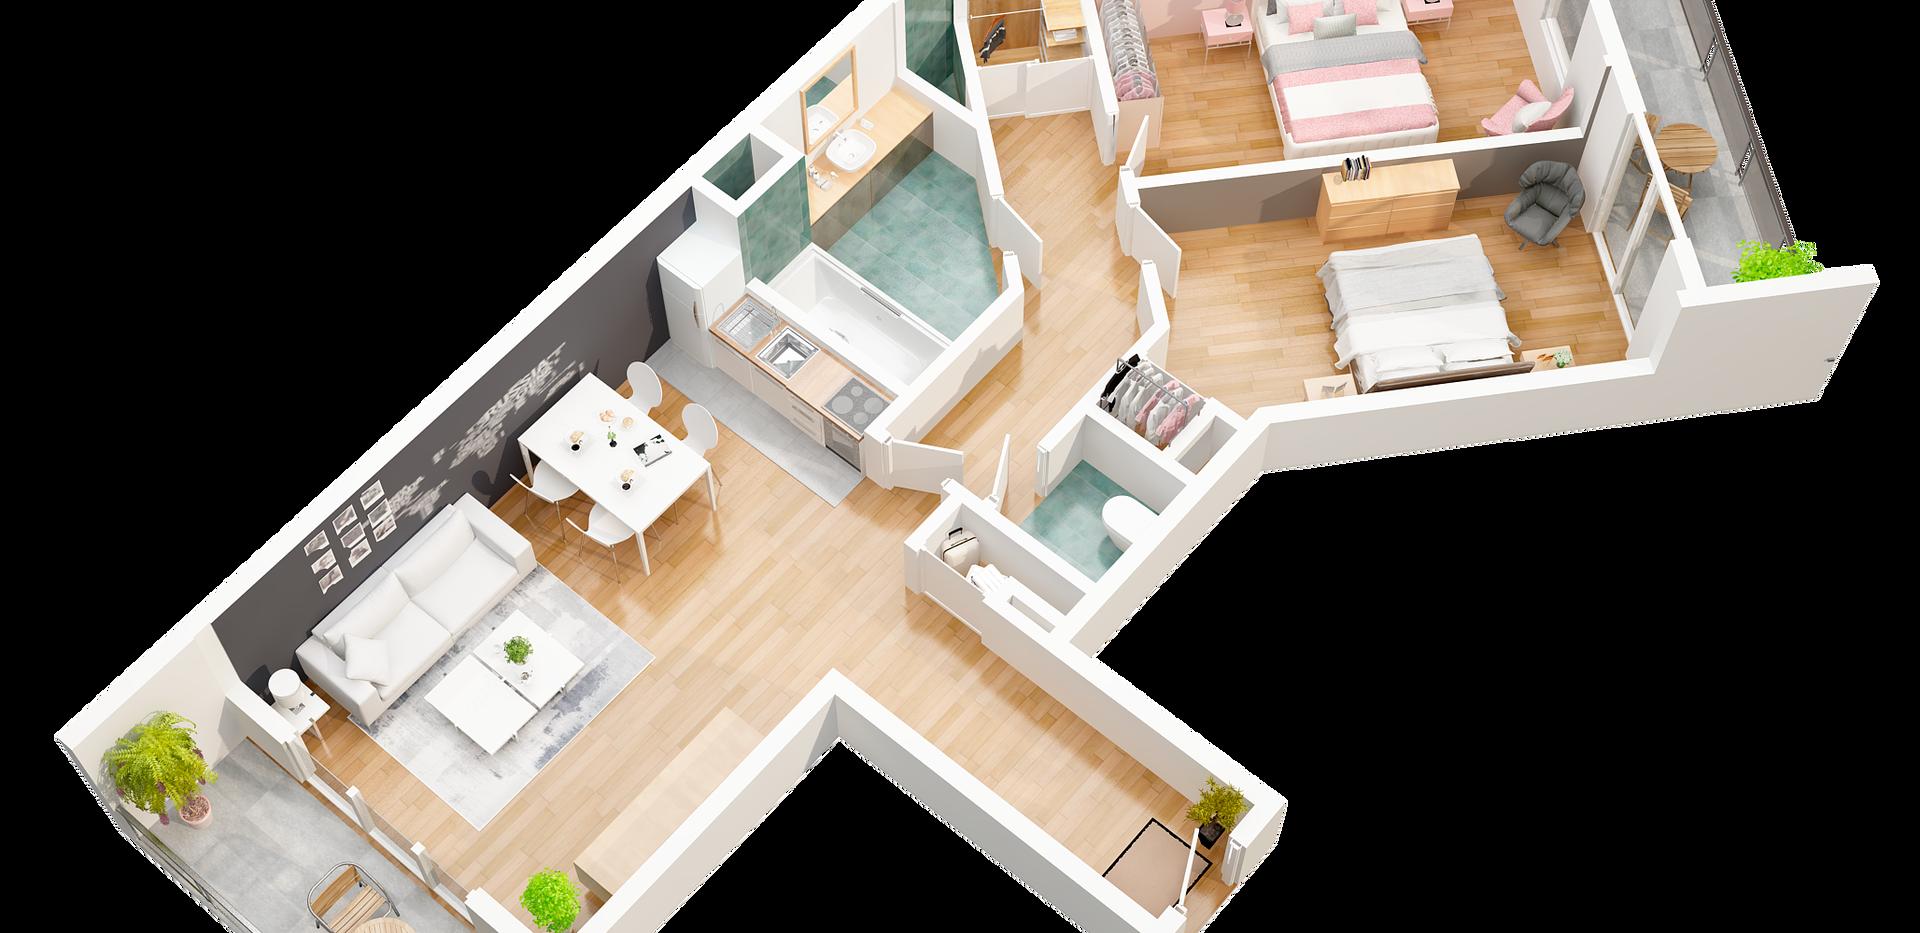 baphdia_2_3D pro floor plan